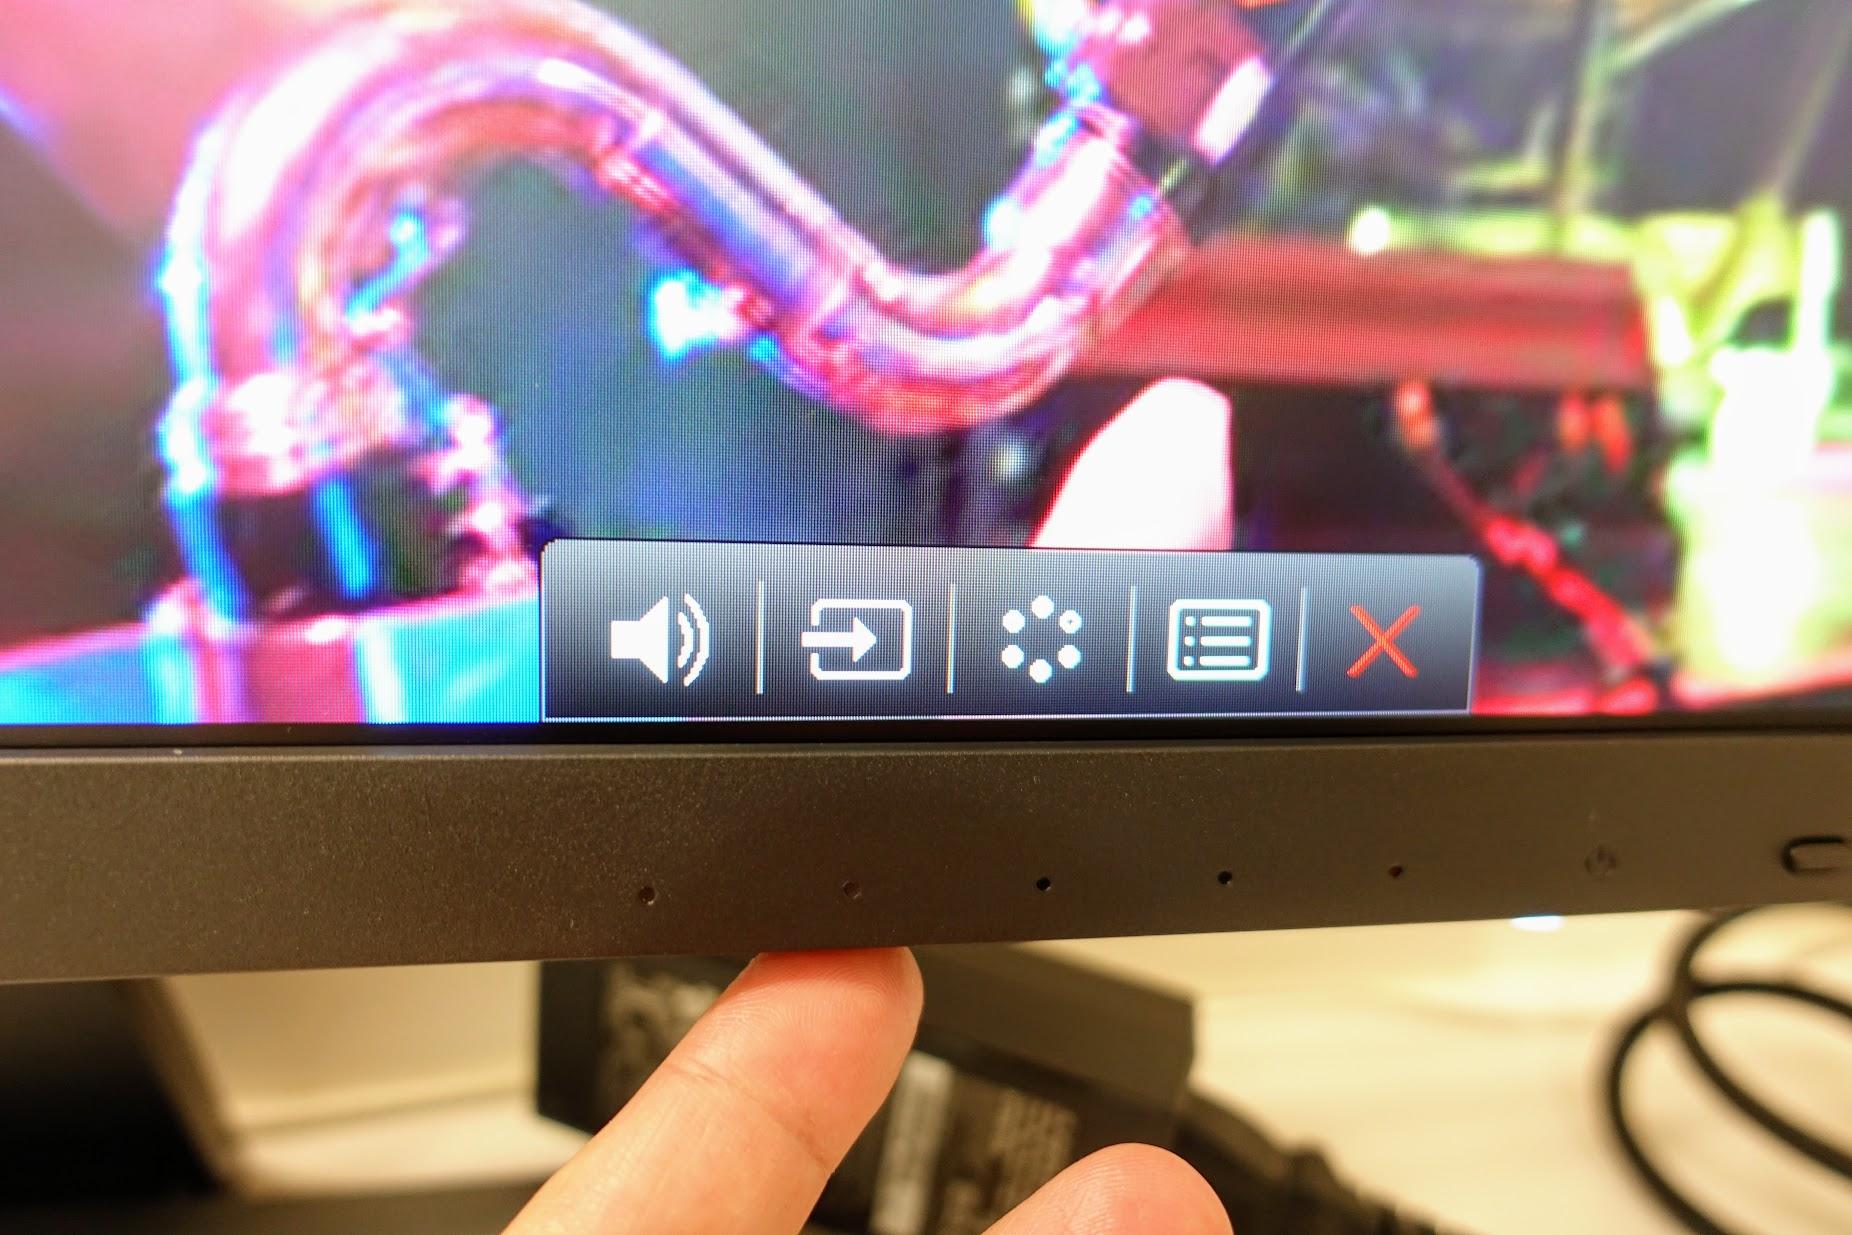 底下按鈕都有各自的功能,基本上,這次只有調整亮度,其他就預設值